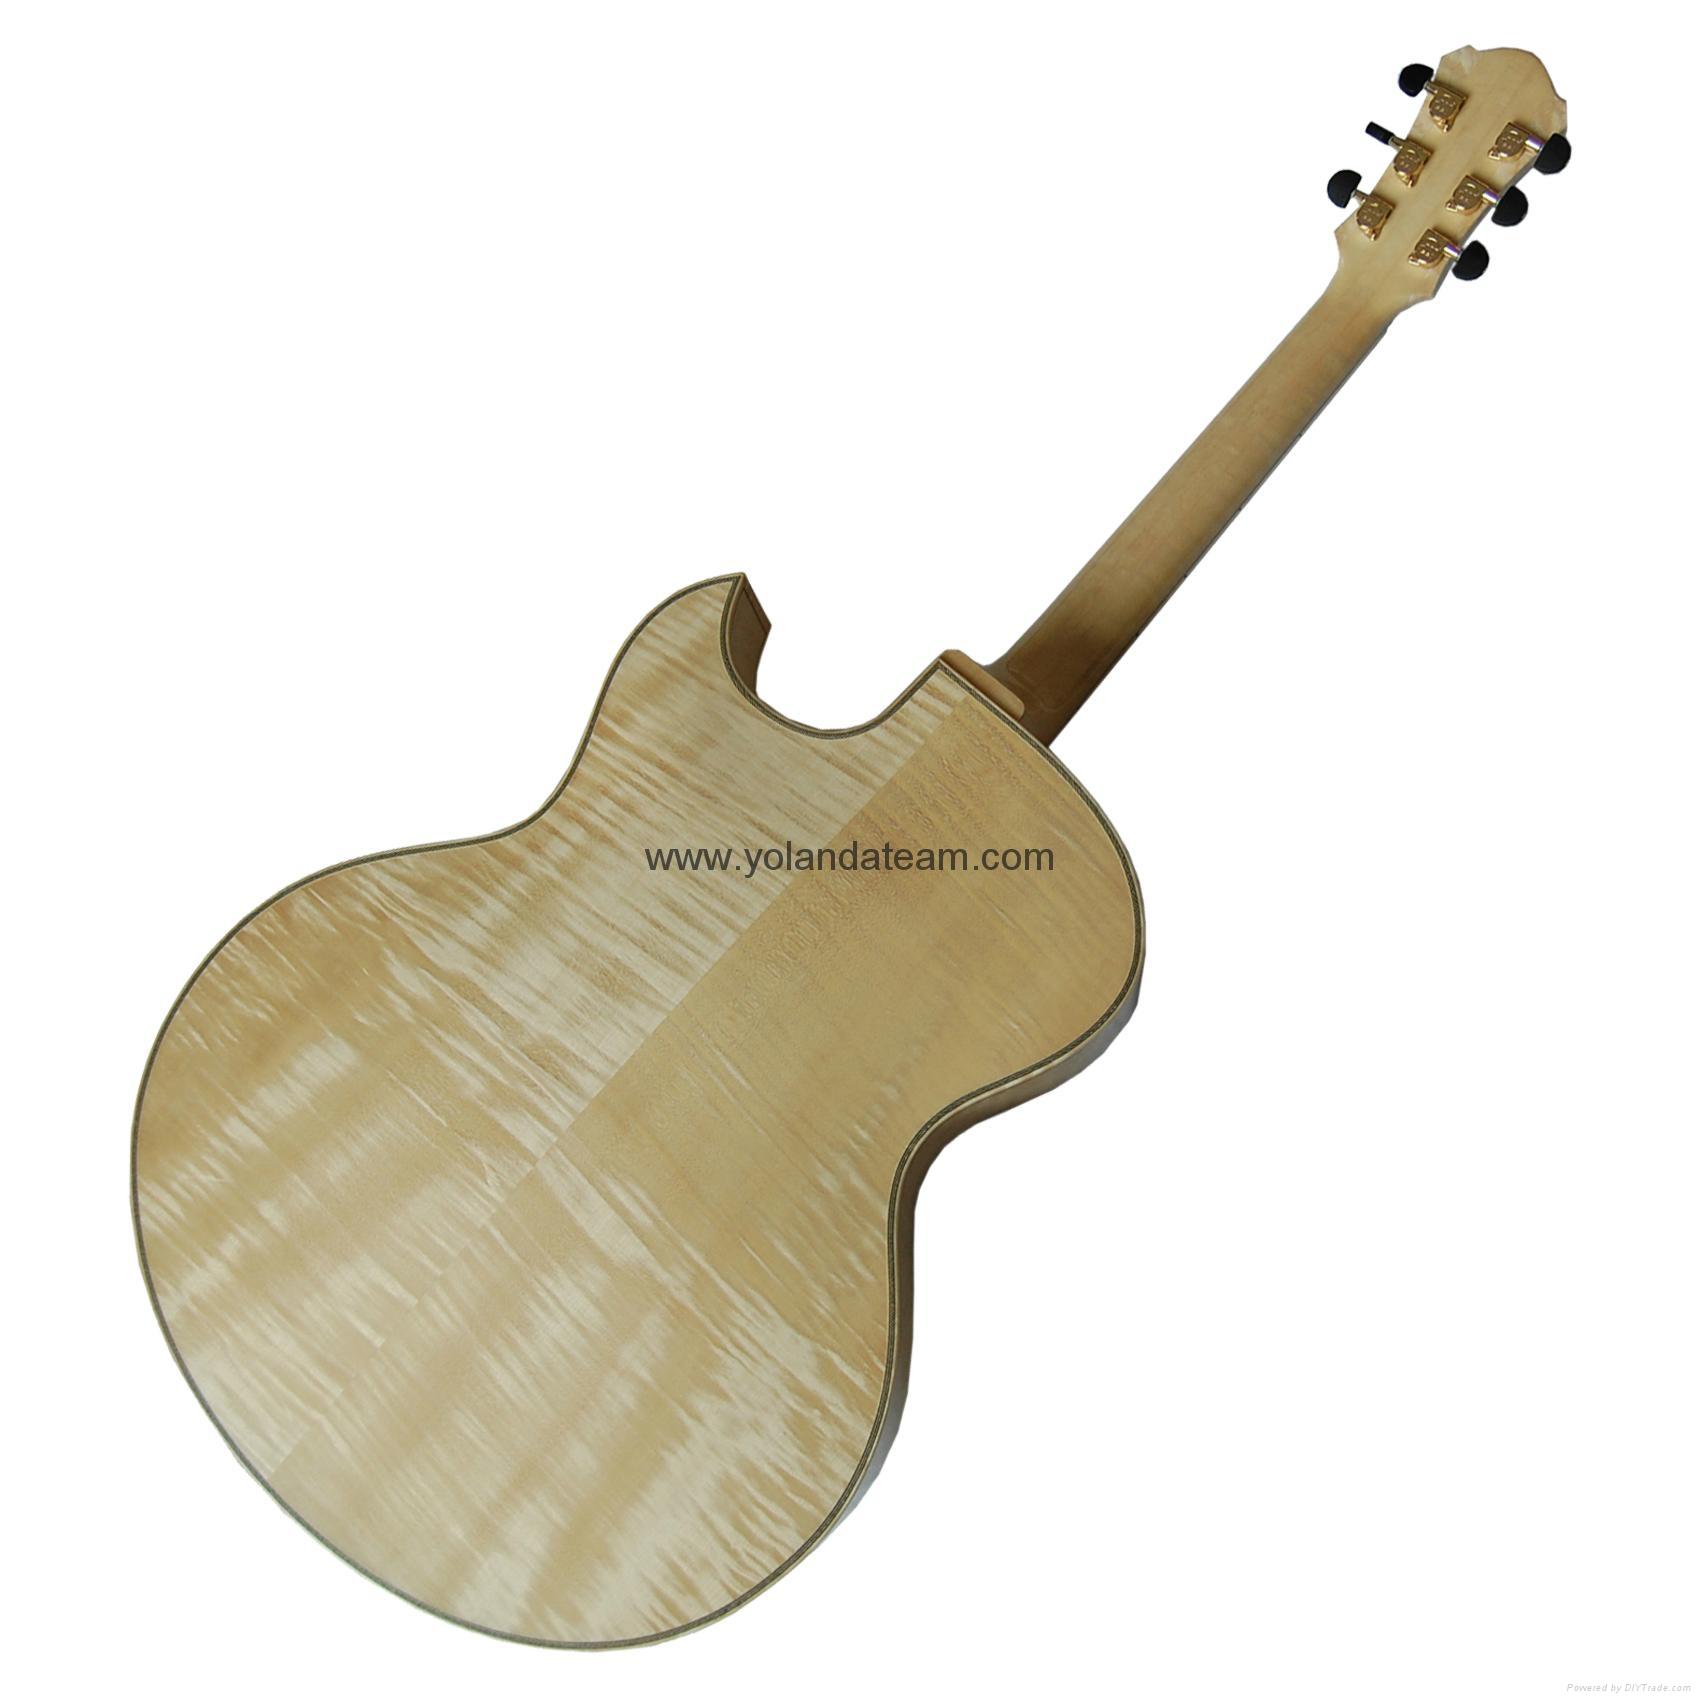 17寸尖角爵士吉他 2